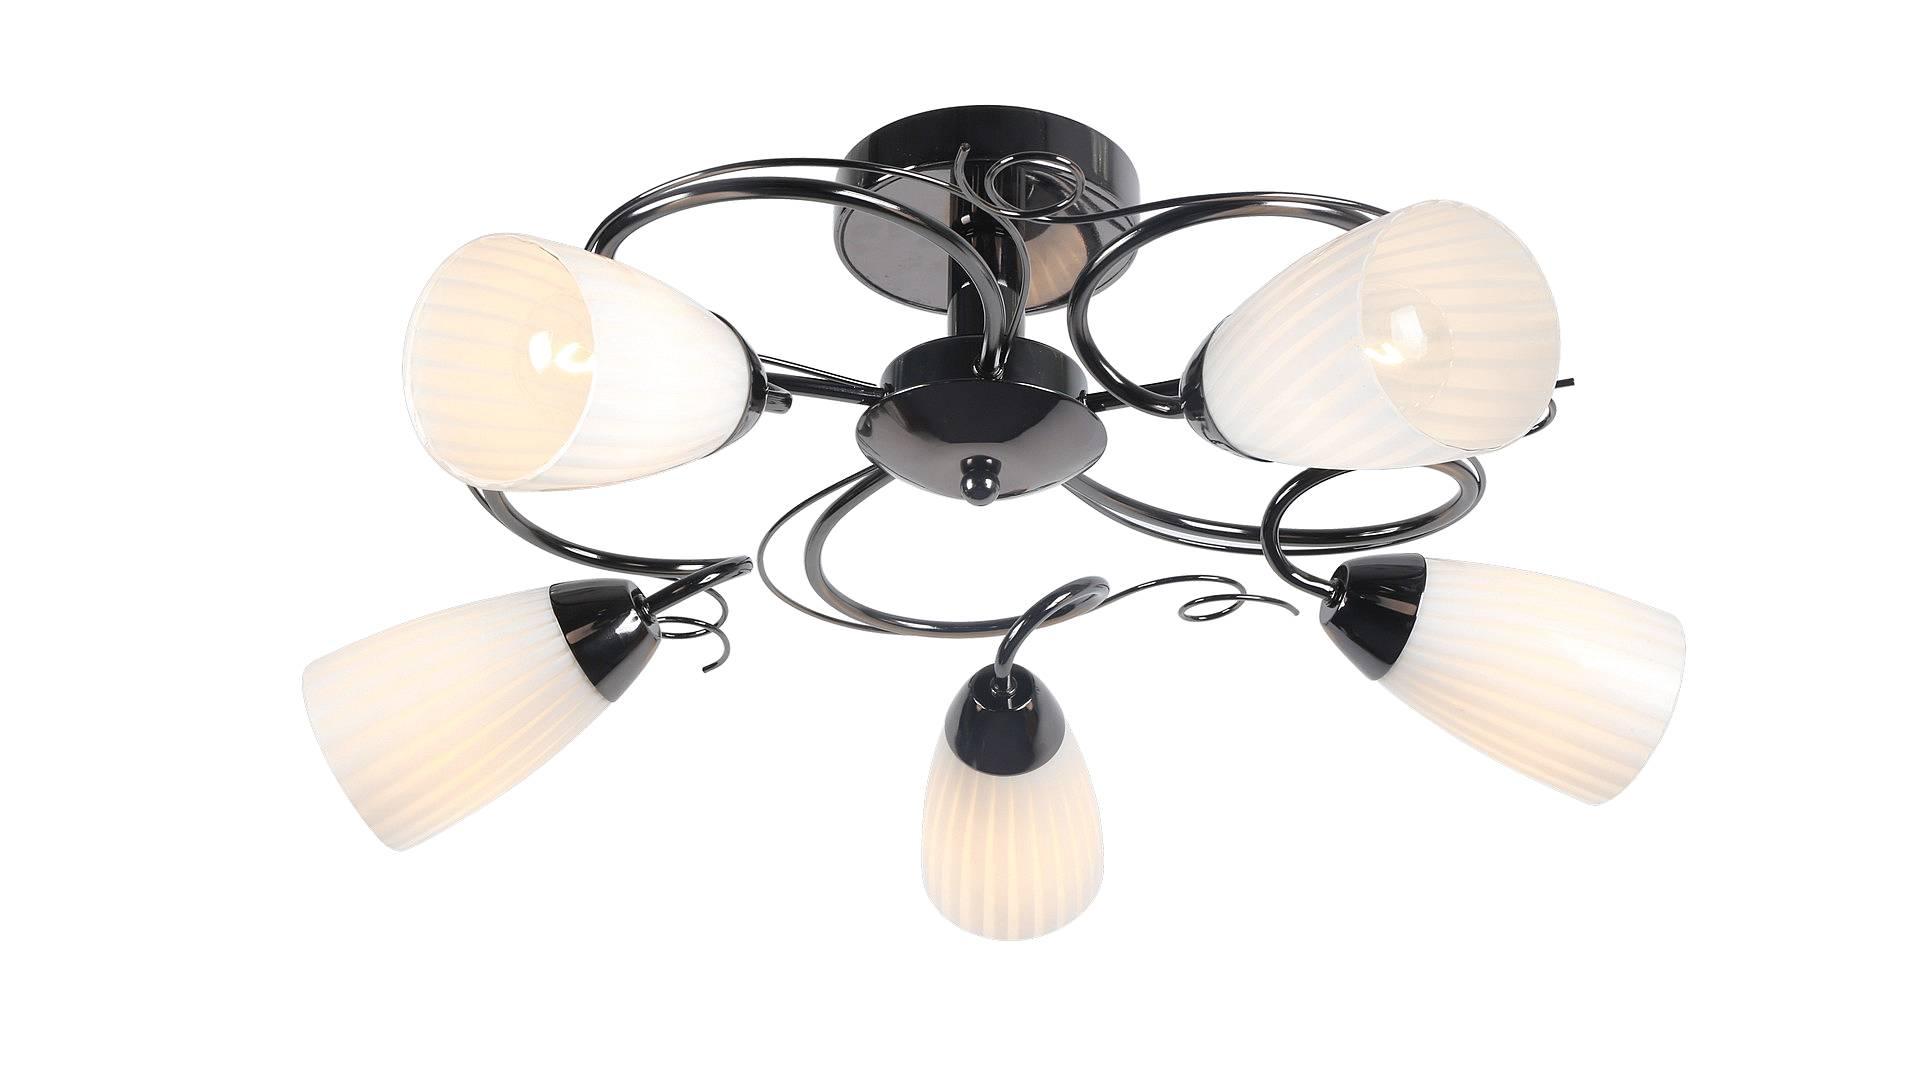 Фото товара A6545PL-5BC Arte Lamp